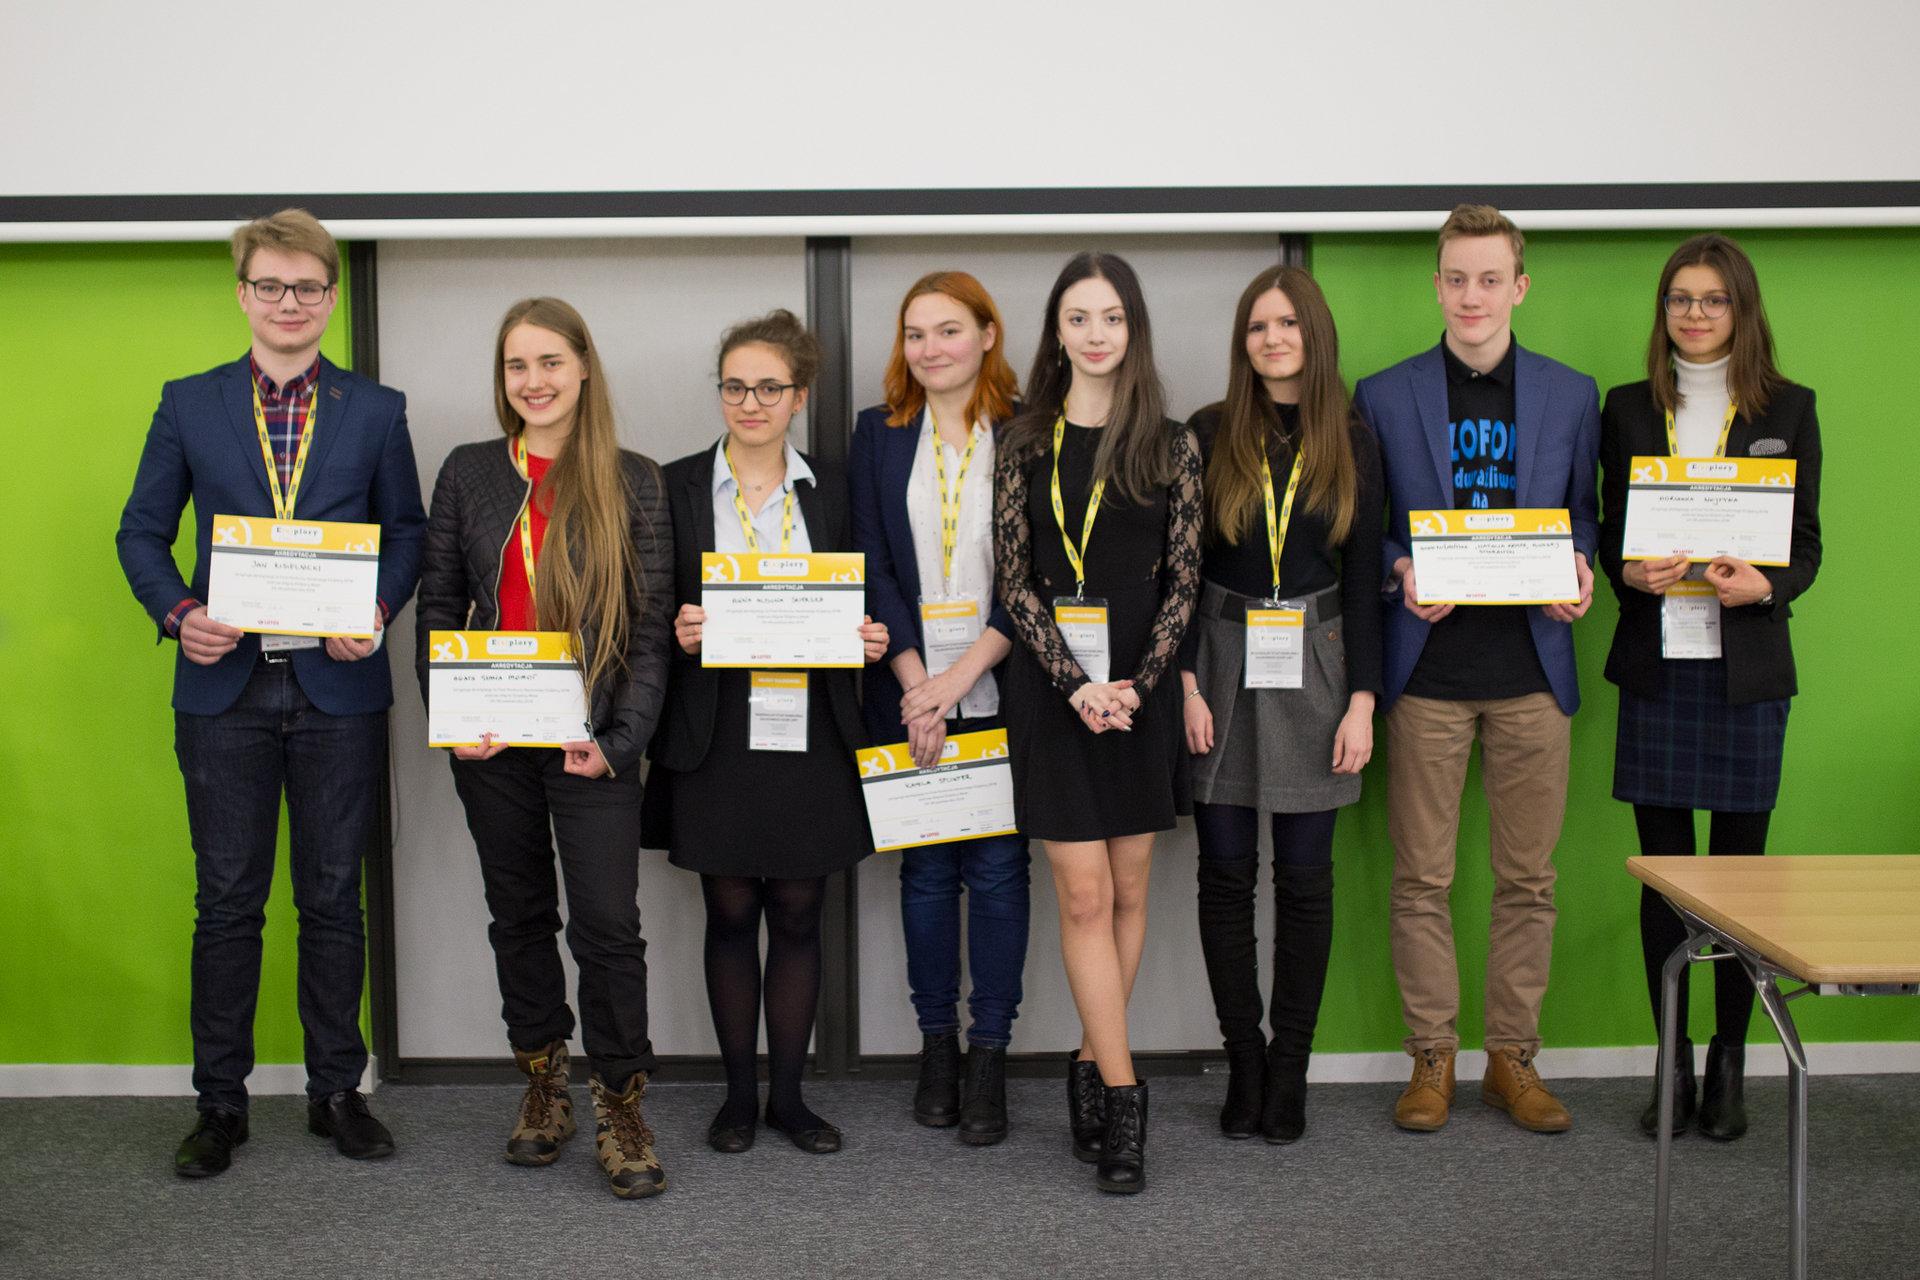 Znamy finalistów Regionalnego Konkursu Naukowego E(x)plory w Szczecinie!